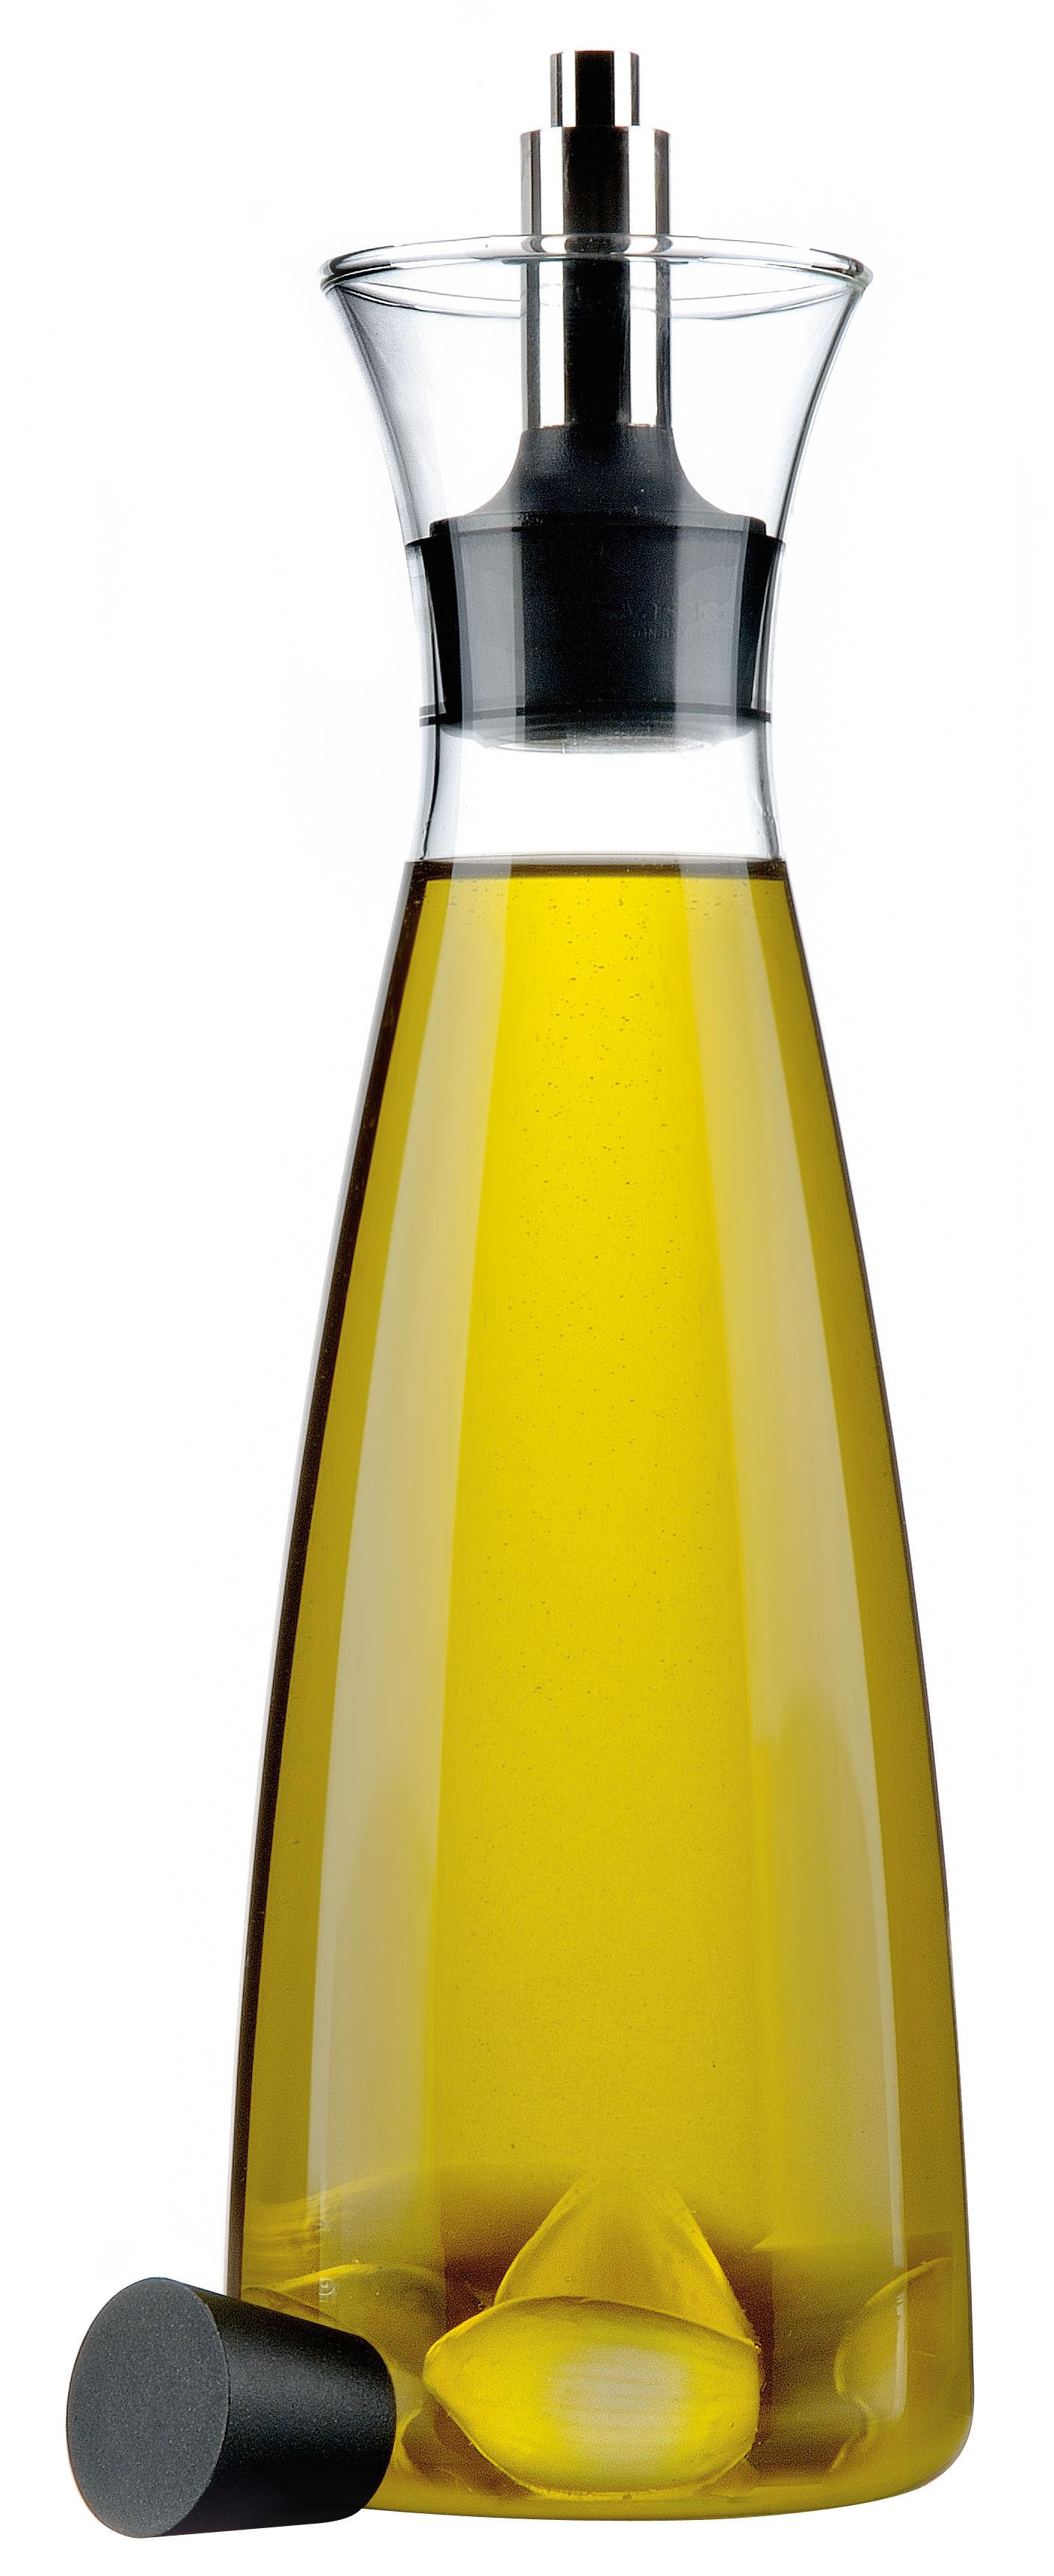 Tavola - Portaolio e Portacondimenti - Oliera - Oliera-acetiera salvagoccia di Eva Solo - Trasparente - Acciaio inossidabile, Vetro